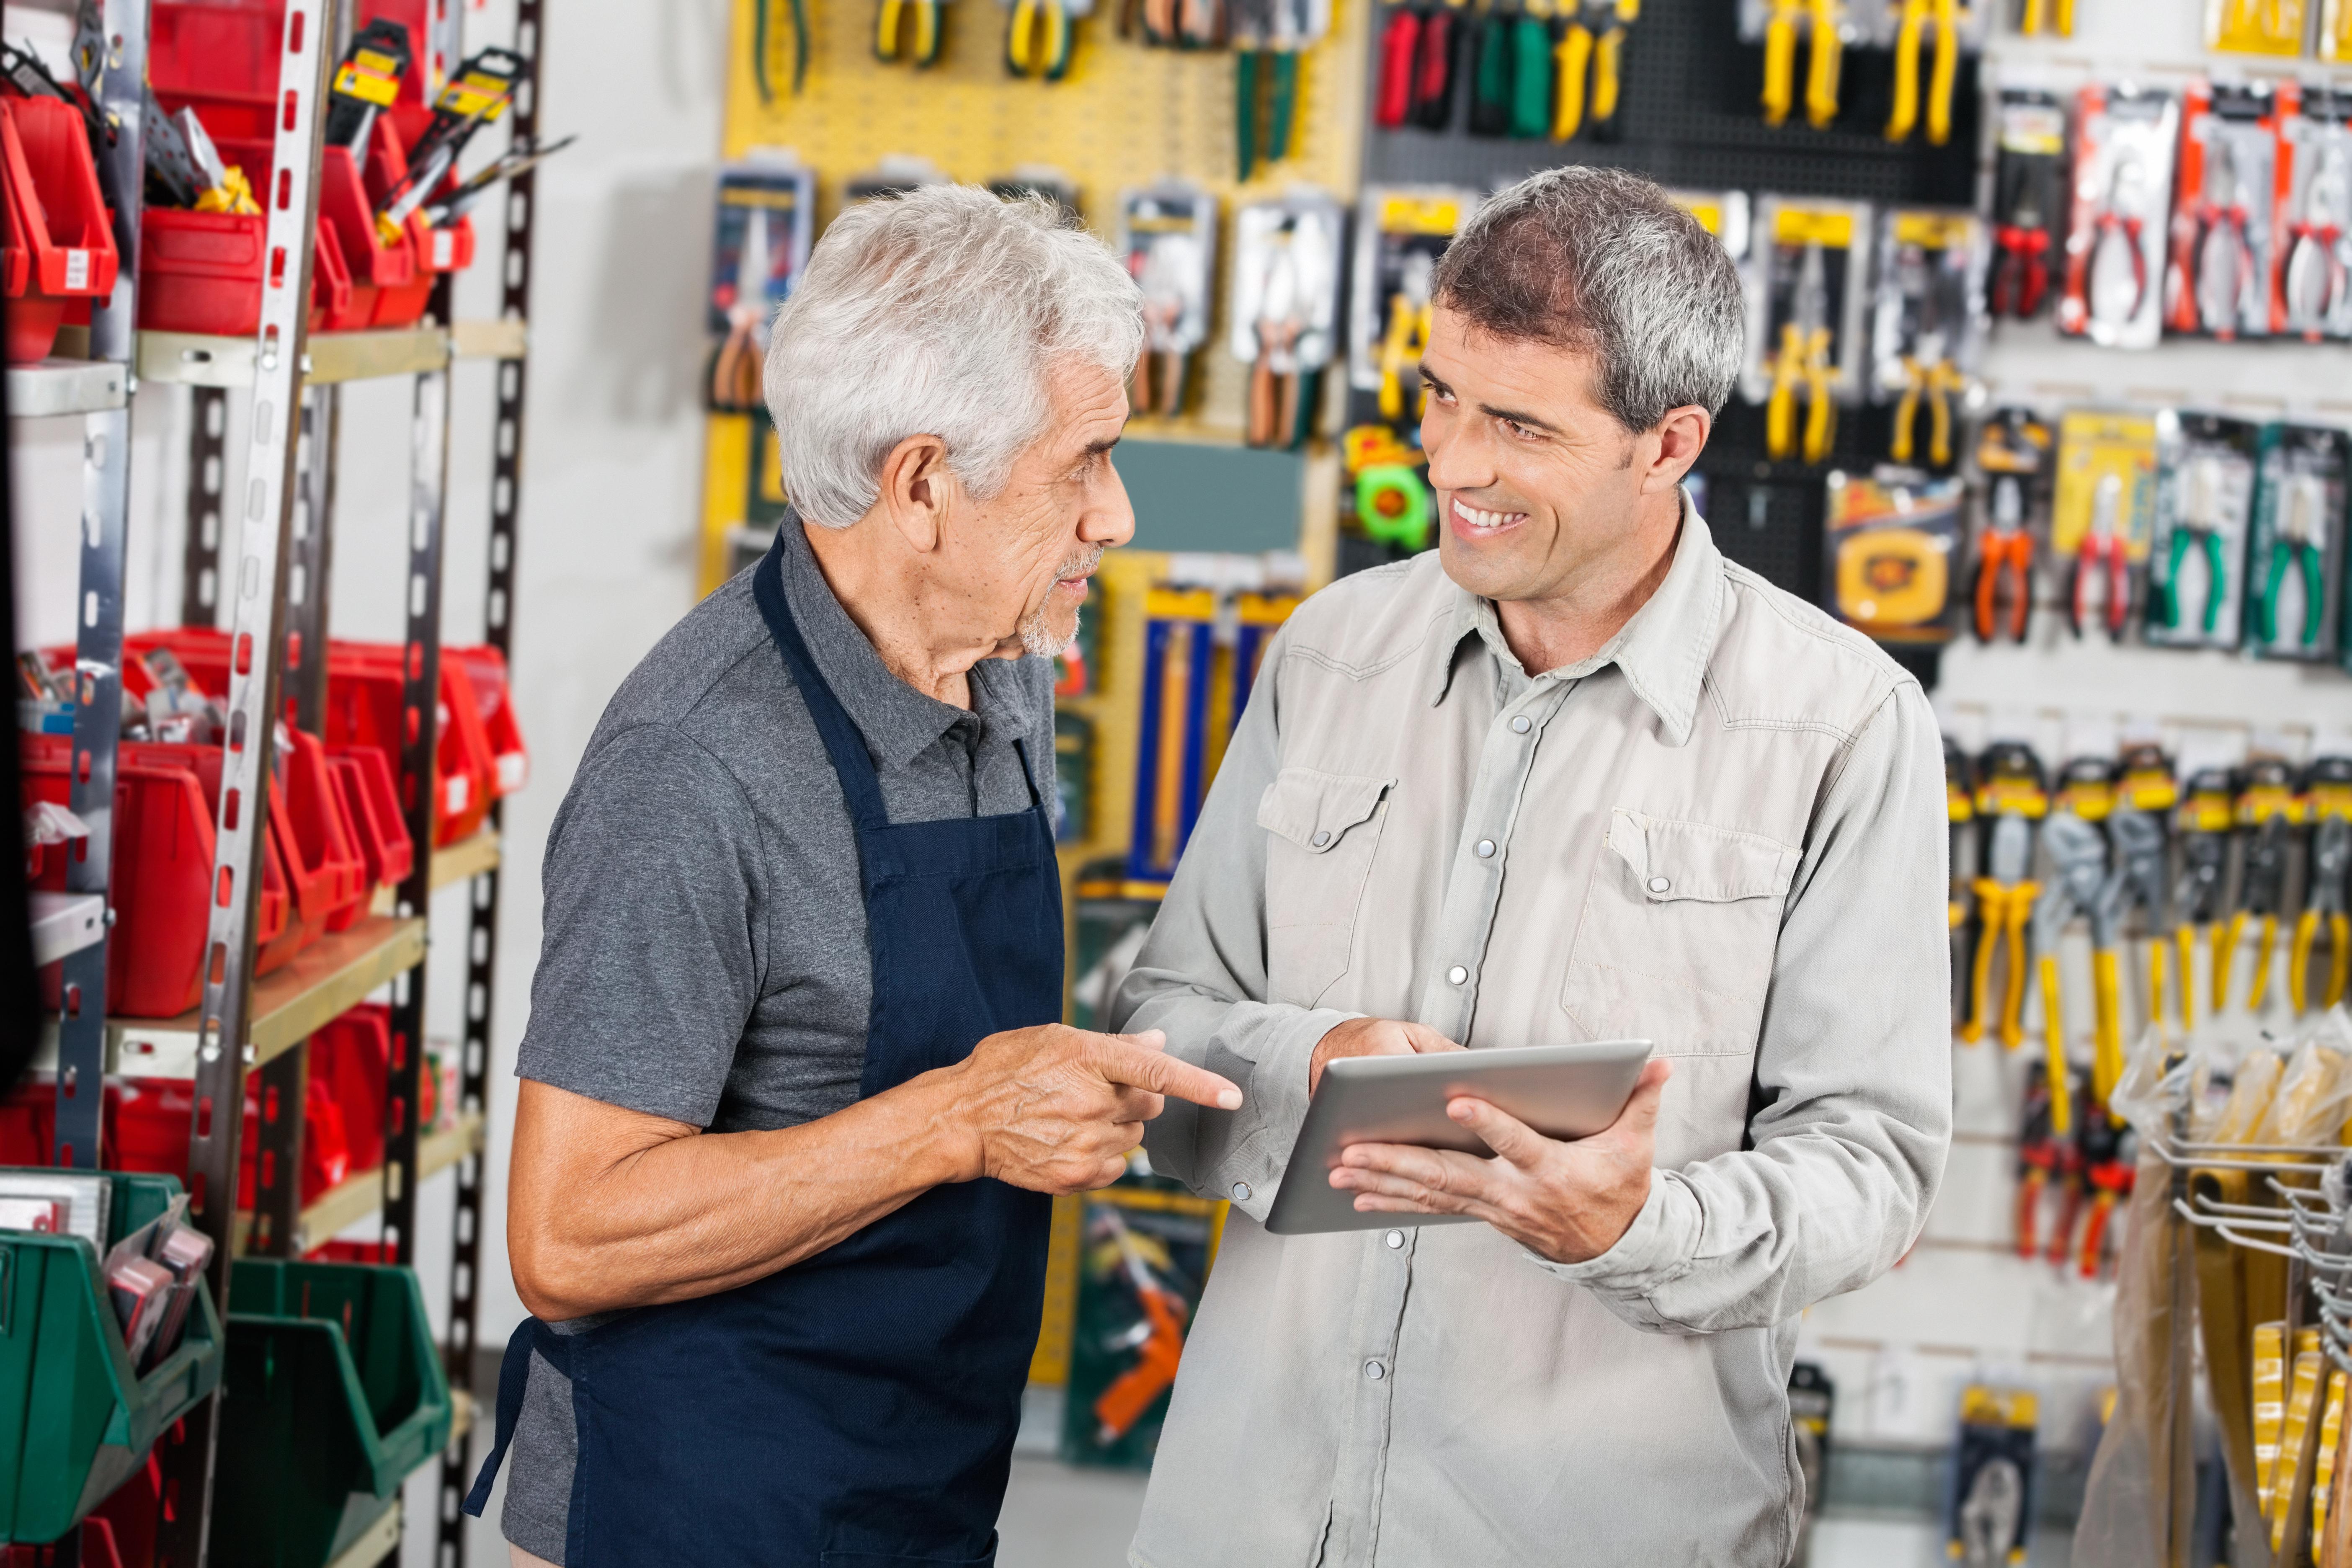 gestão comercial via mobile